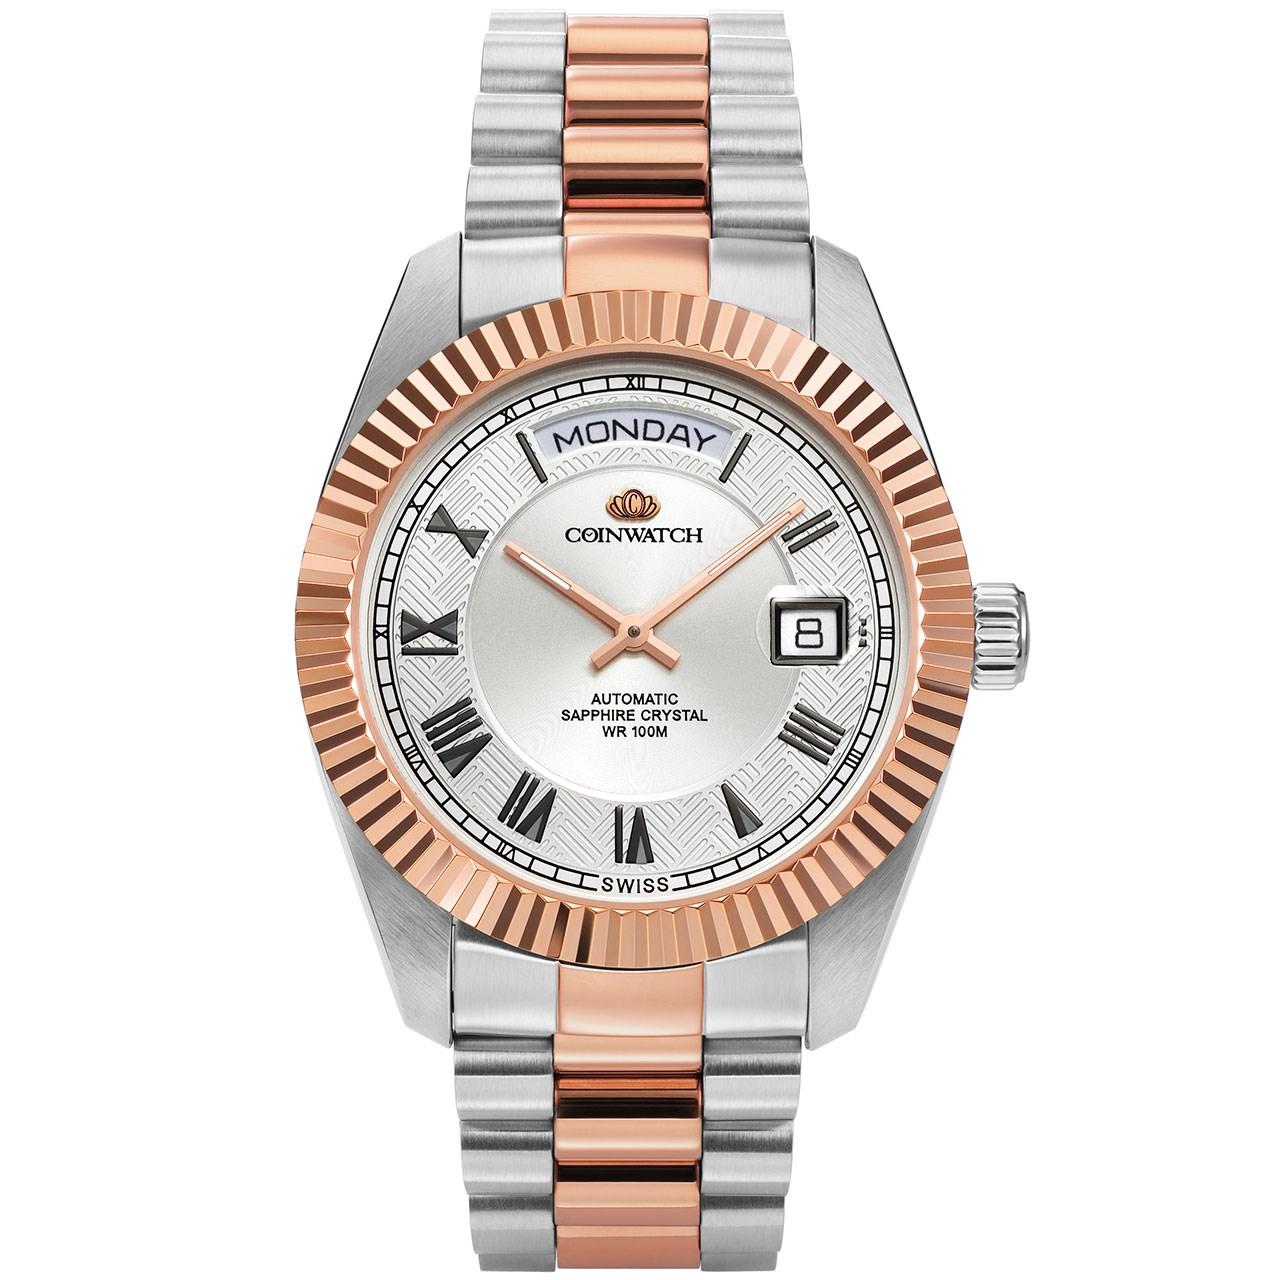 ساعت مچی عقربه ای مردانه کوین واچ مدل C109RWH